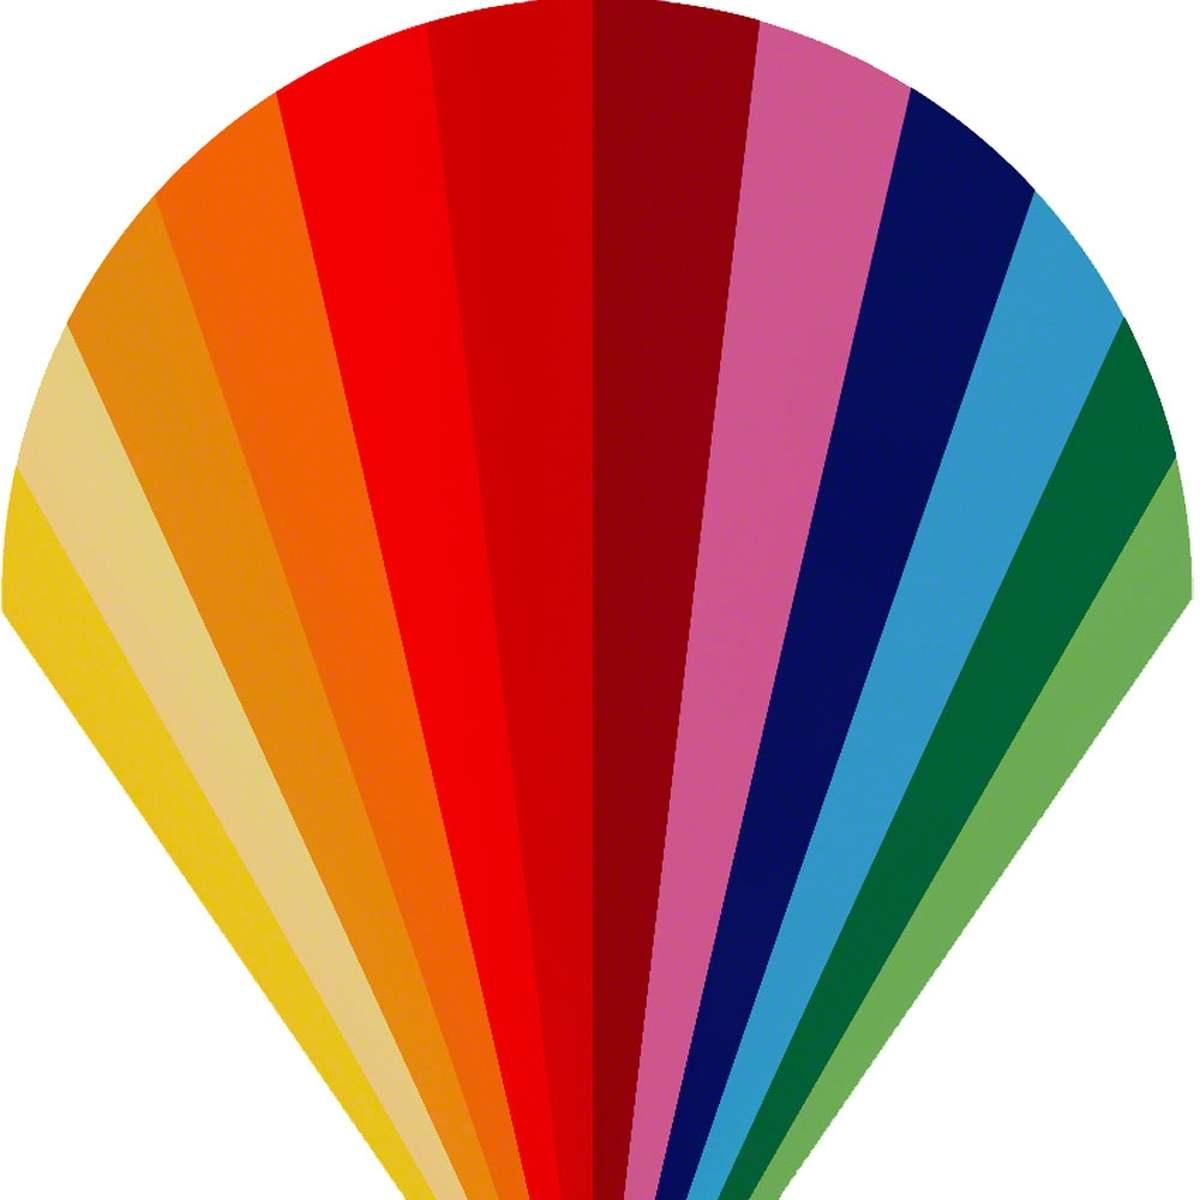 Walimex Colour Filter Set, 12pcs., 30x30cm